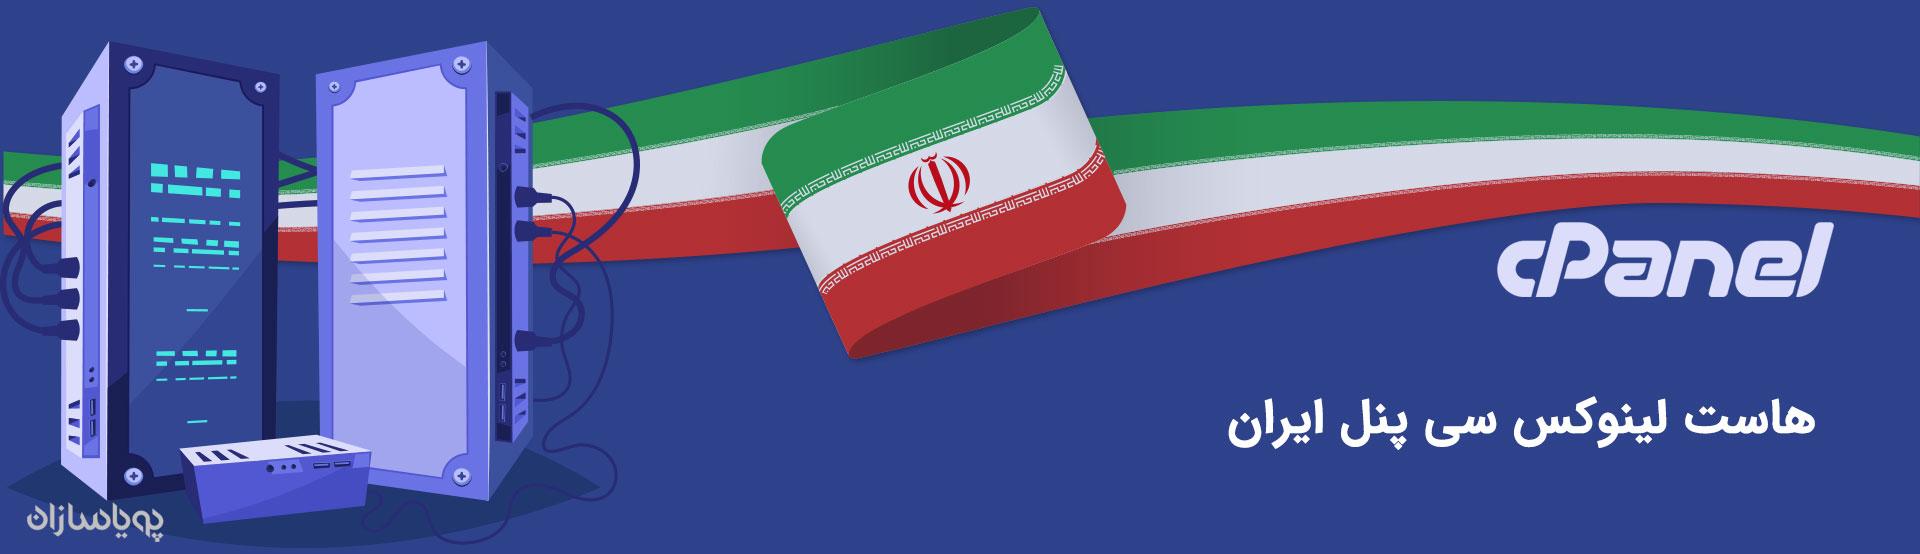 هاست لینوکس سی پنل ایران